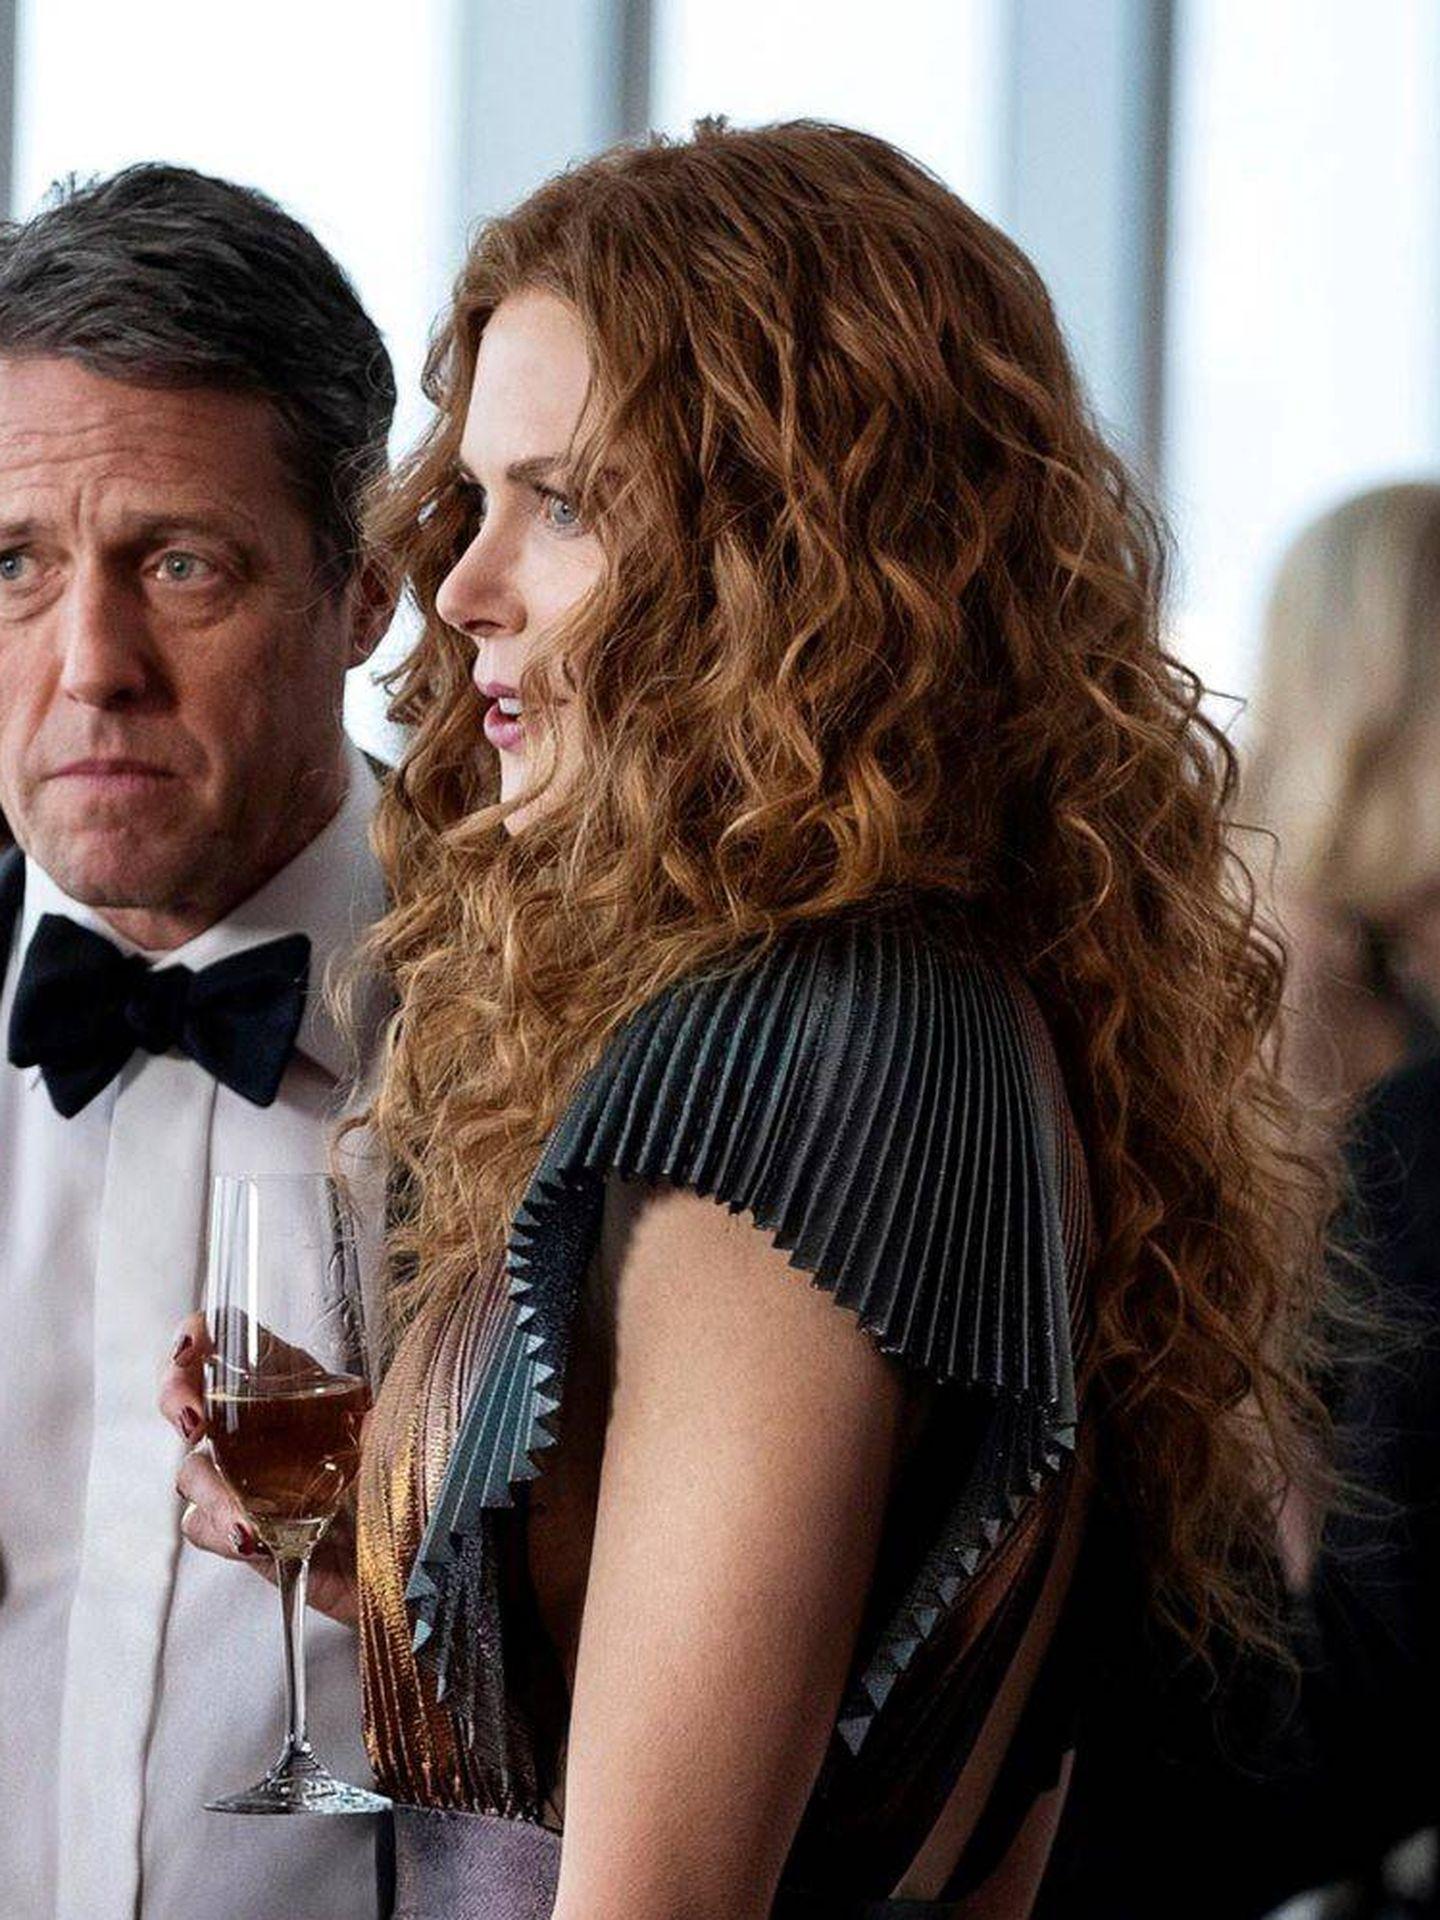 Nicole Kidman, en la última serie de HBO. (Cortesía)